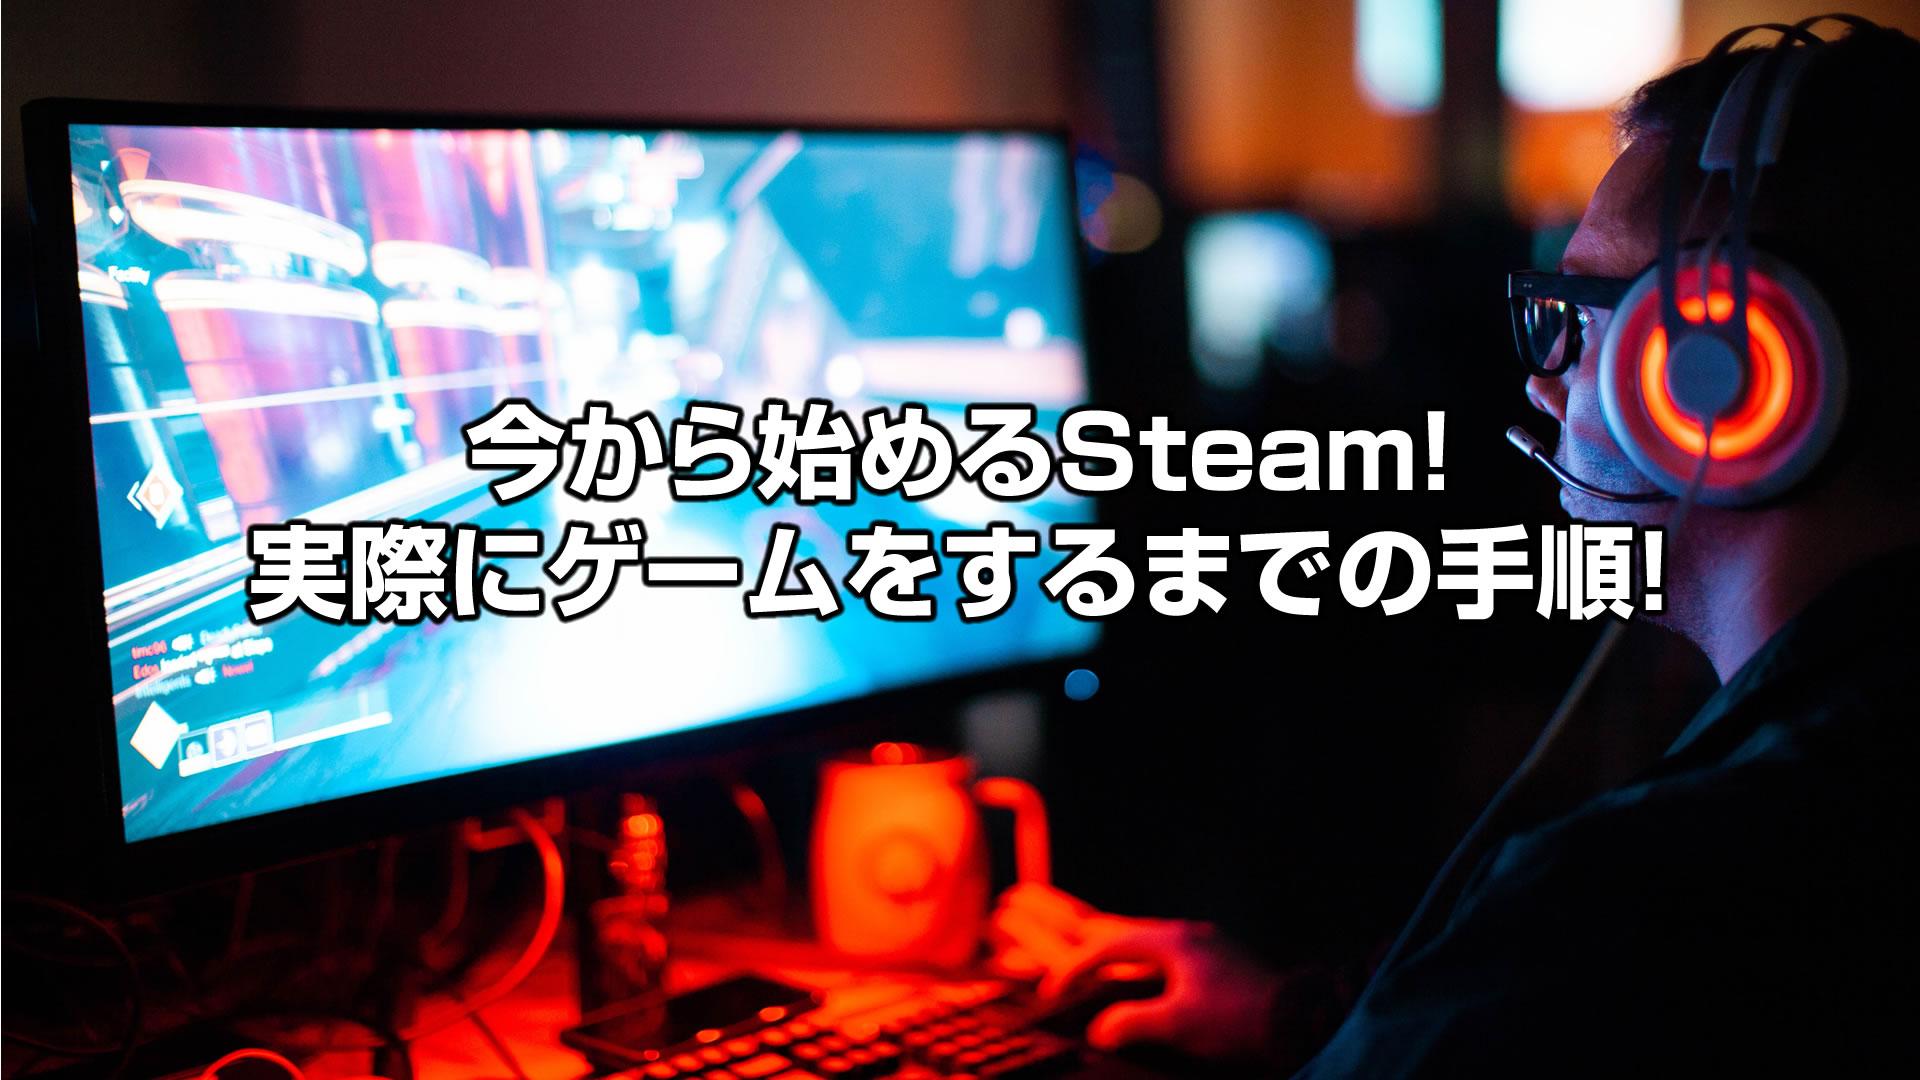 Steamの始め方!登録・インストール・購入方法・プレイまでのまとめ!